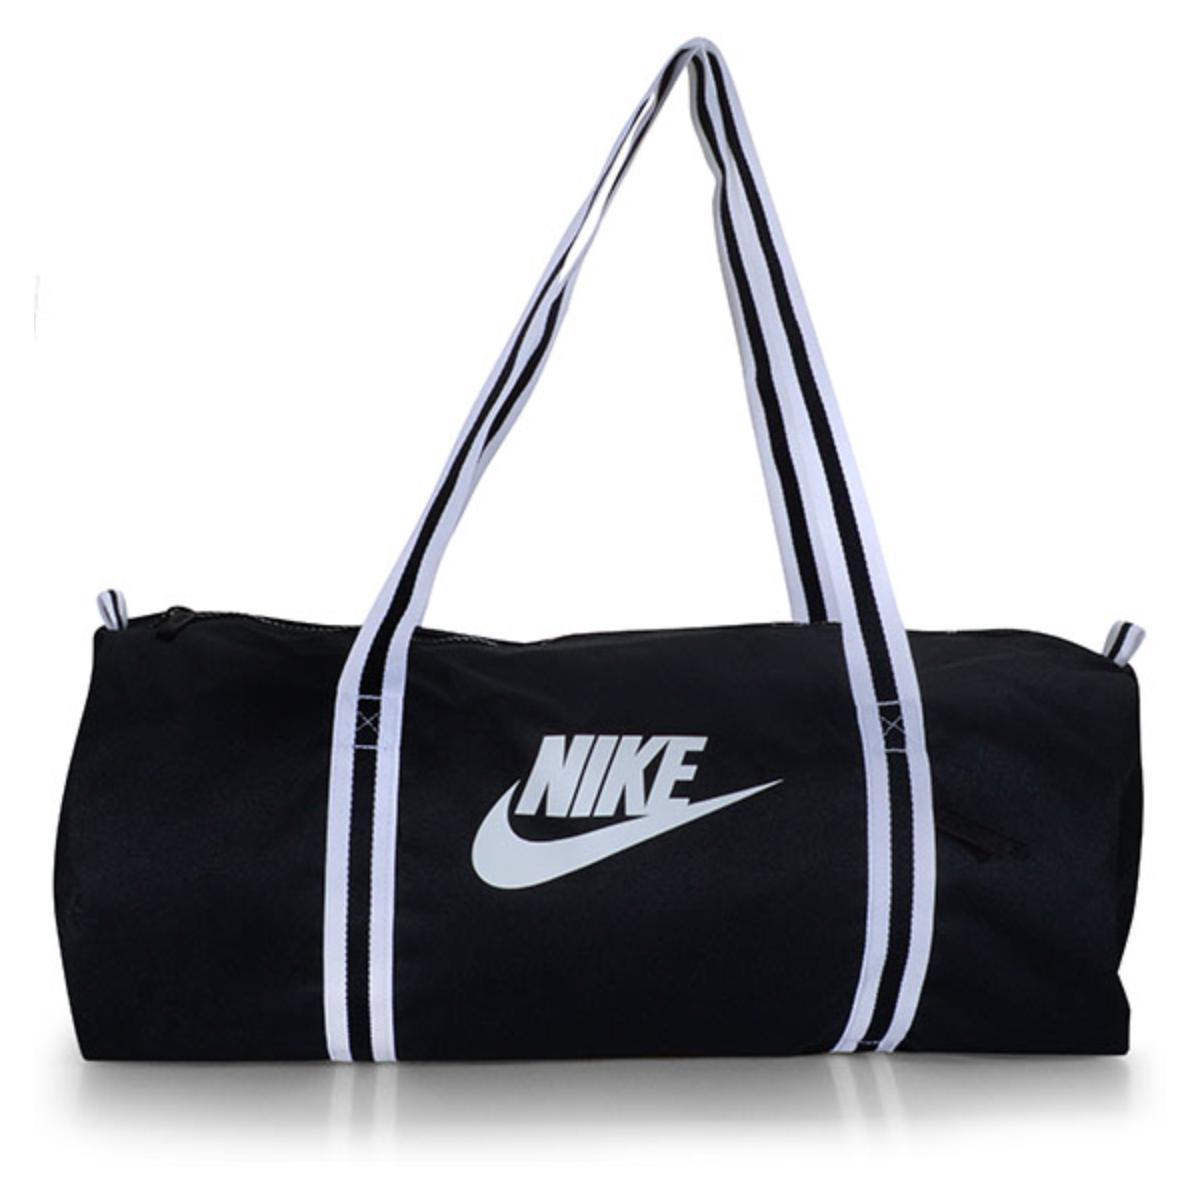 Bolsa Unisex Nike Ba6147-010 Heritage Preto/branco